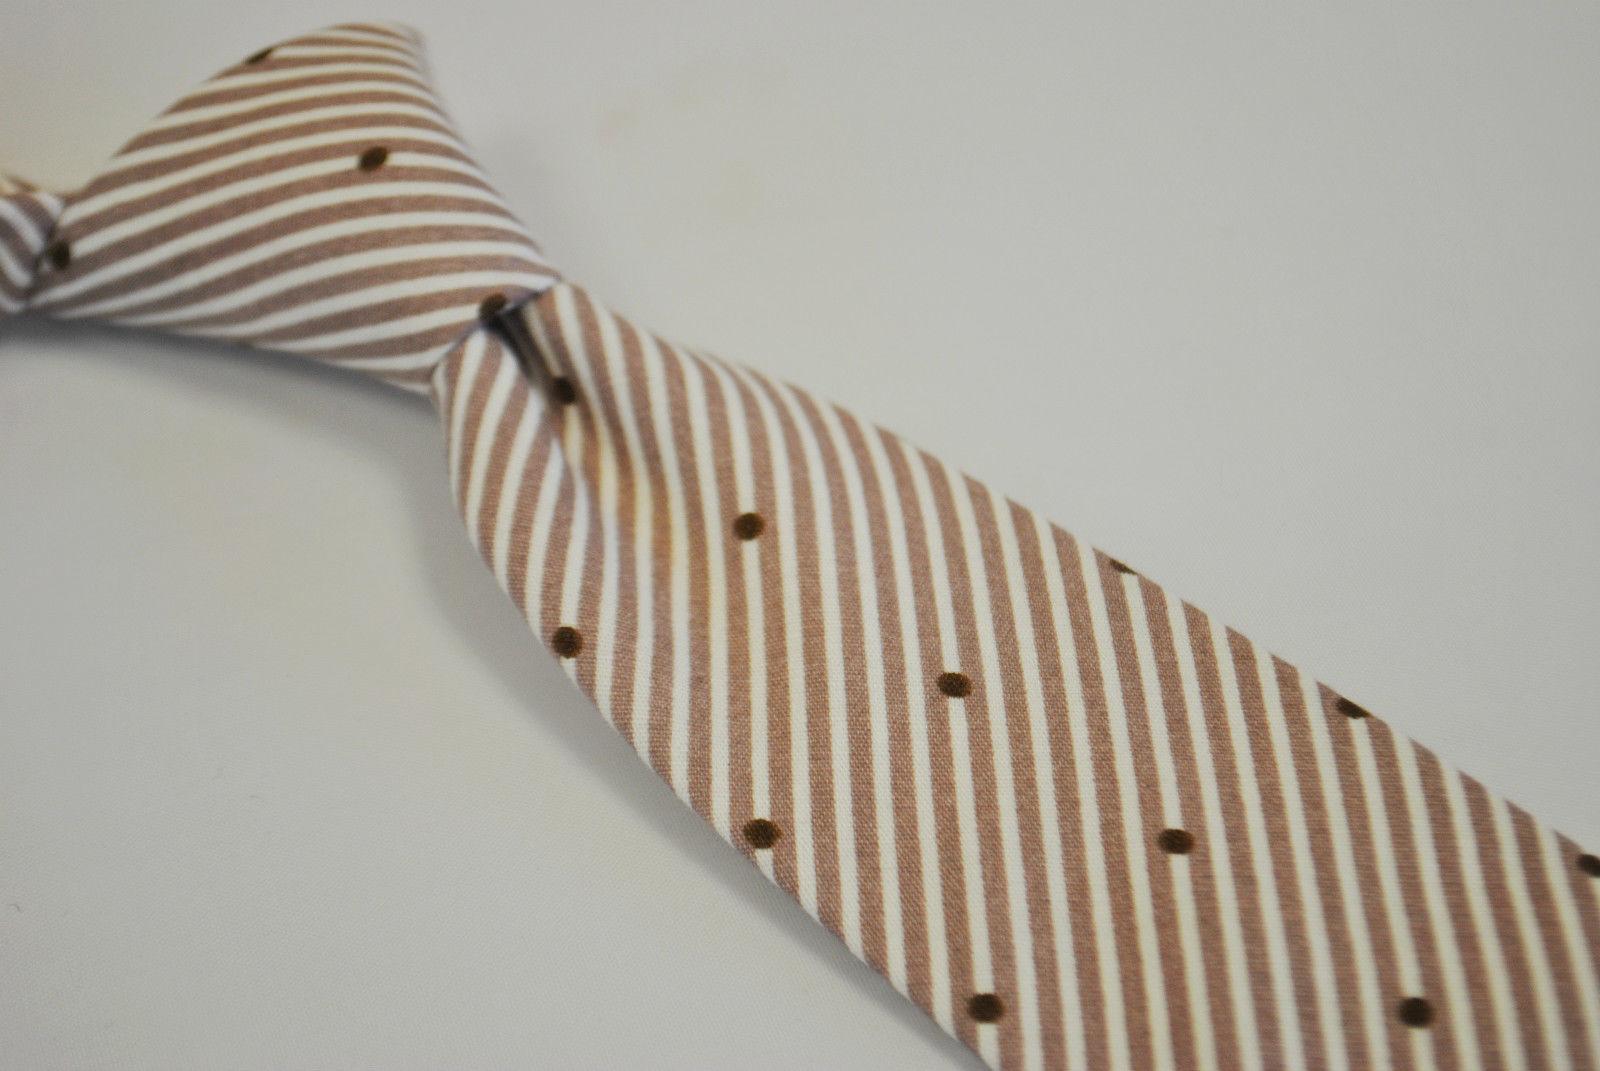 Frederick Thomas Marrone chiaro cravatta con punti & motivo a Righe 100% cotone